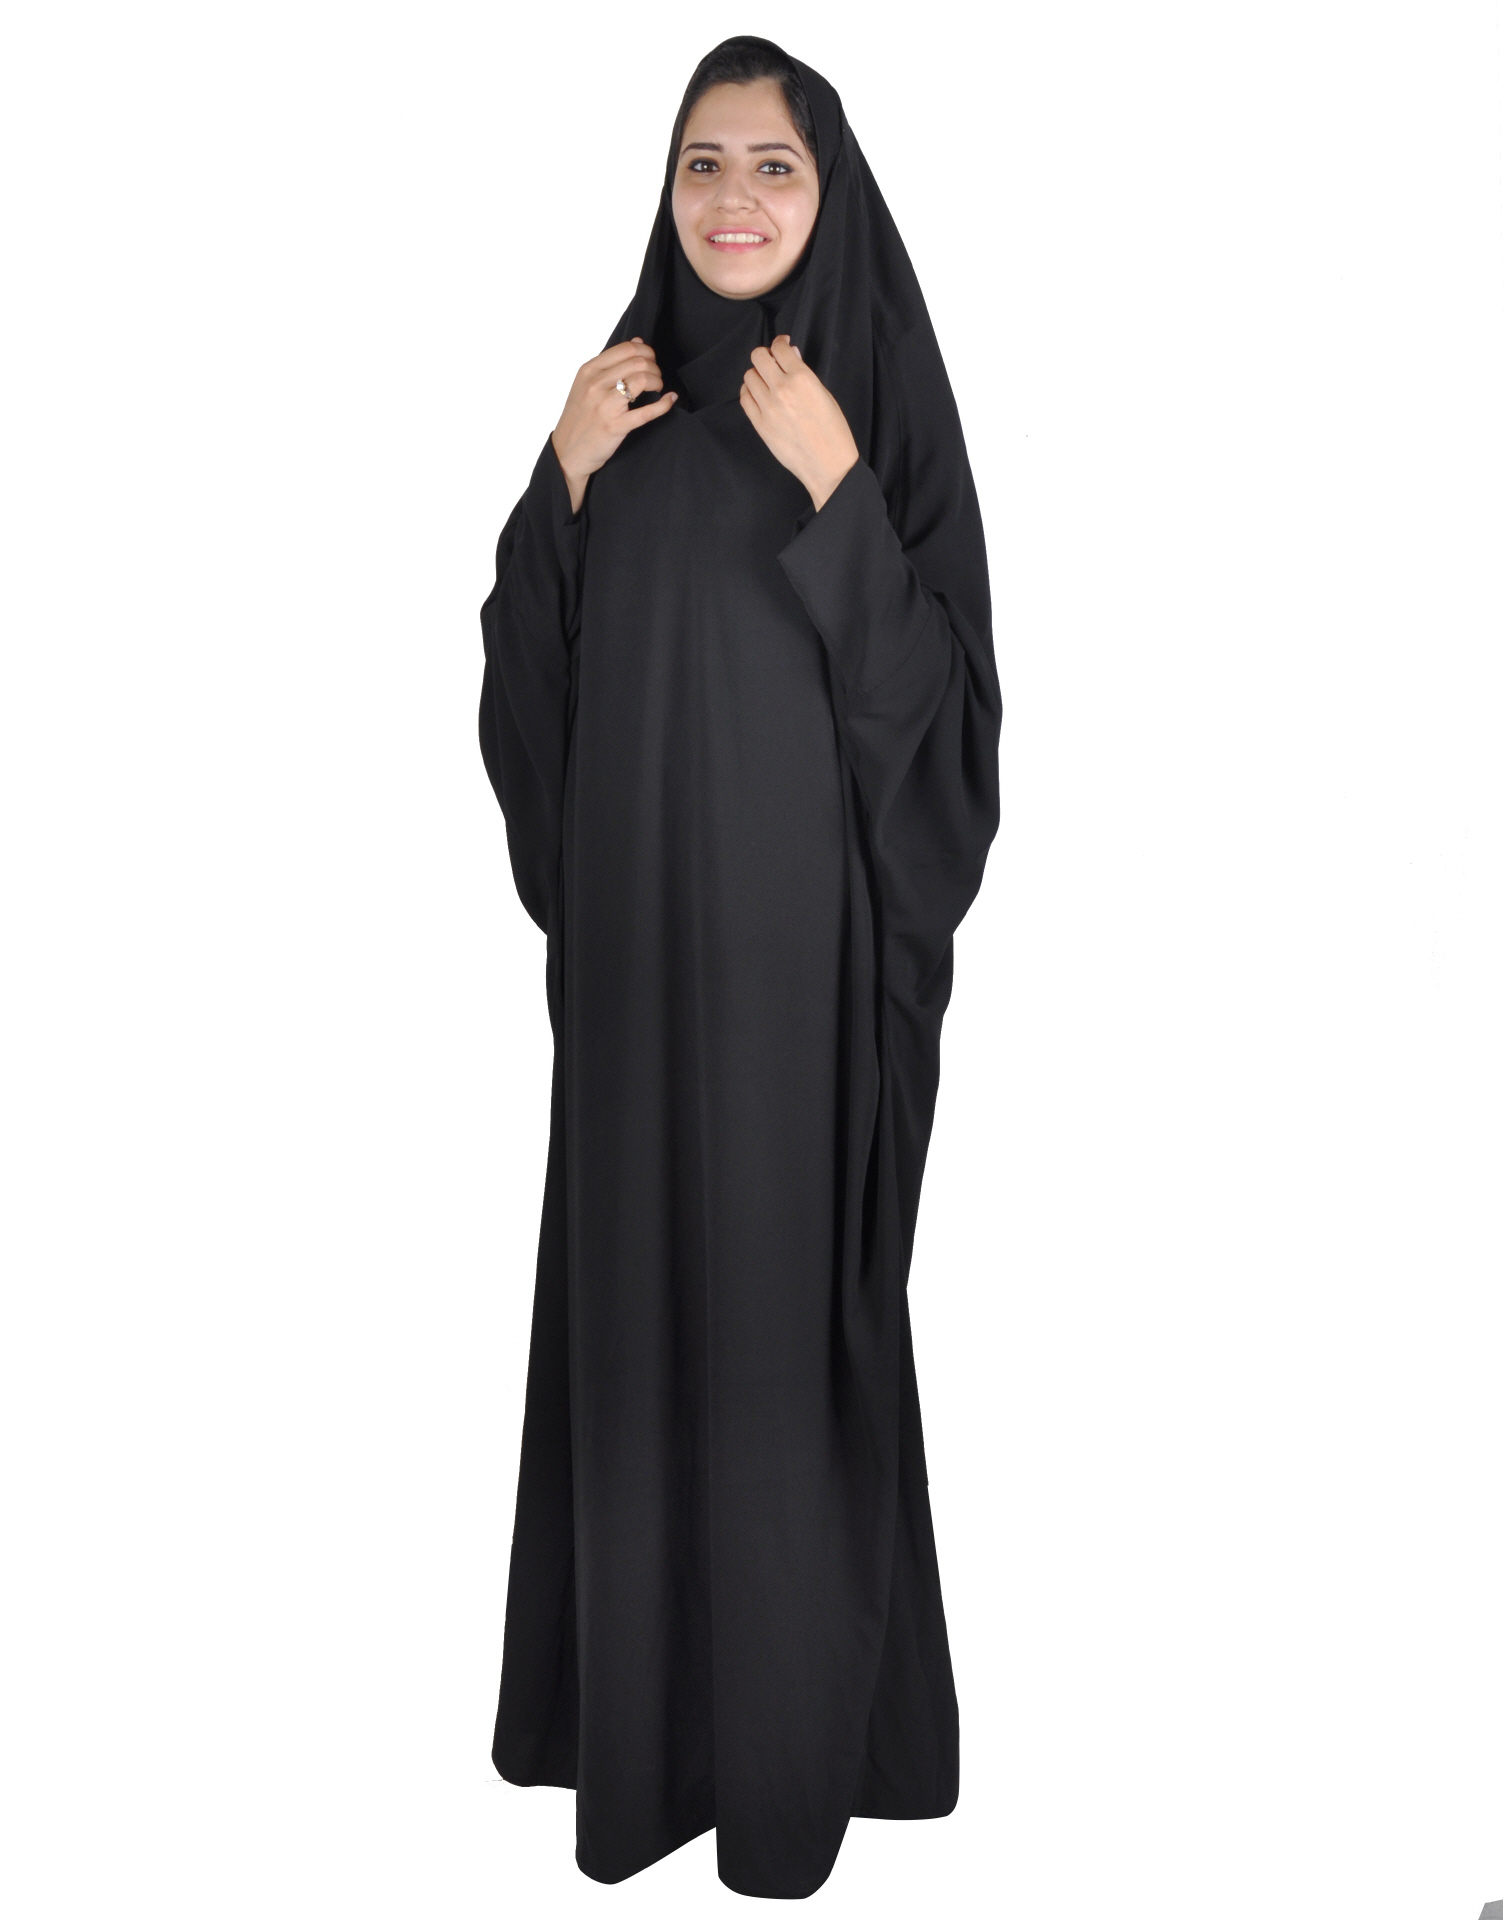 FRAUEN KLEIDUNG IM ISLAM